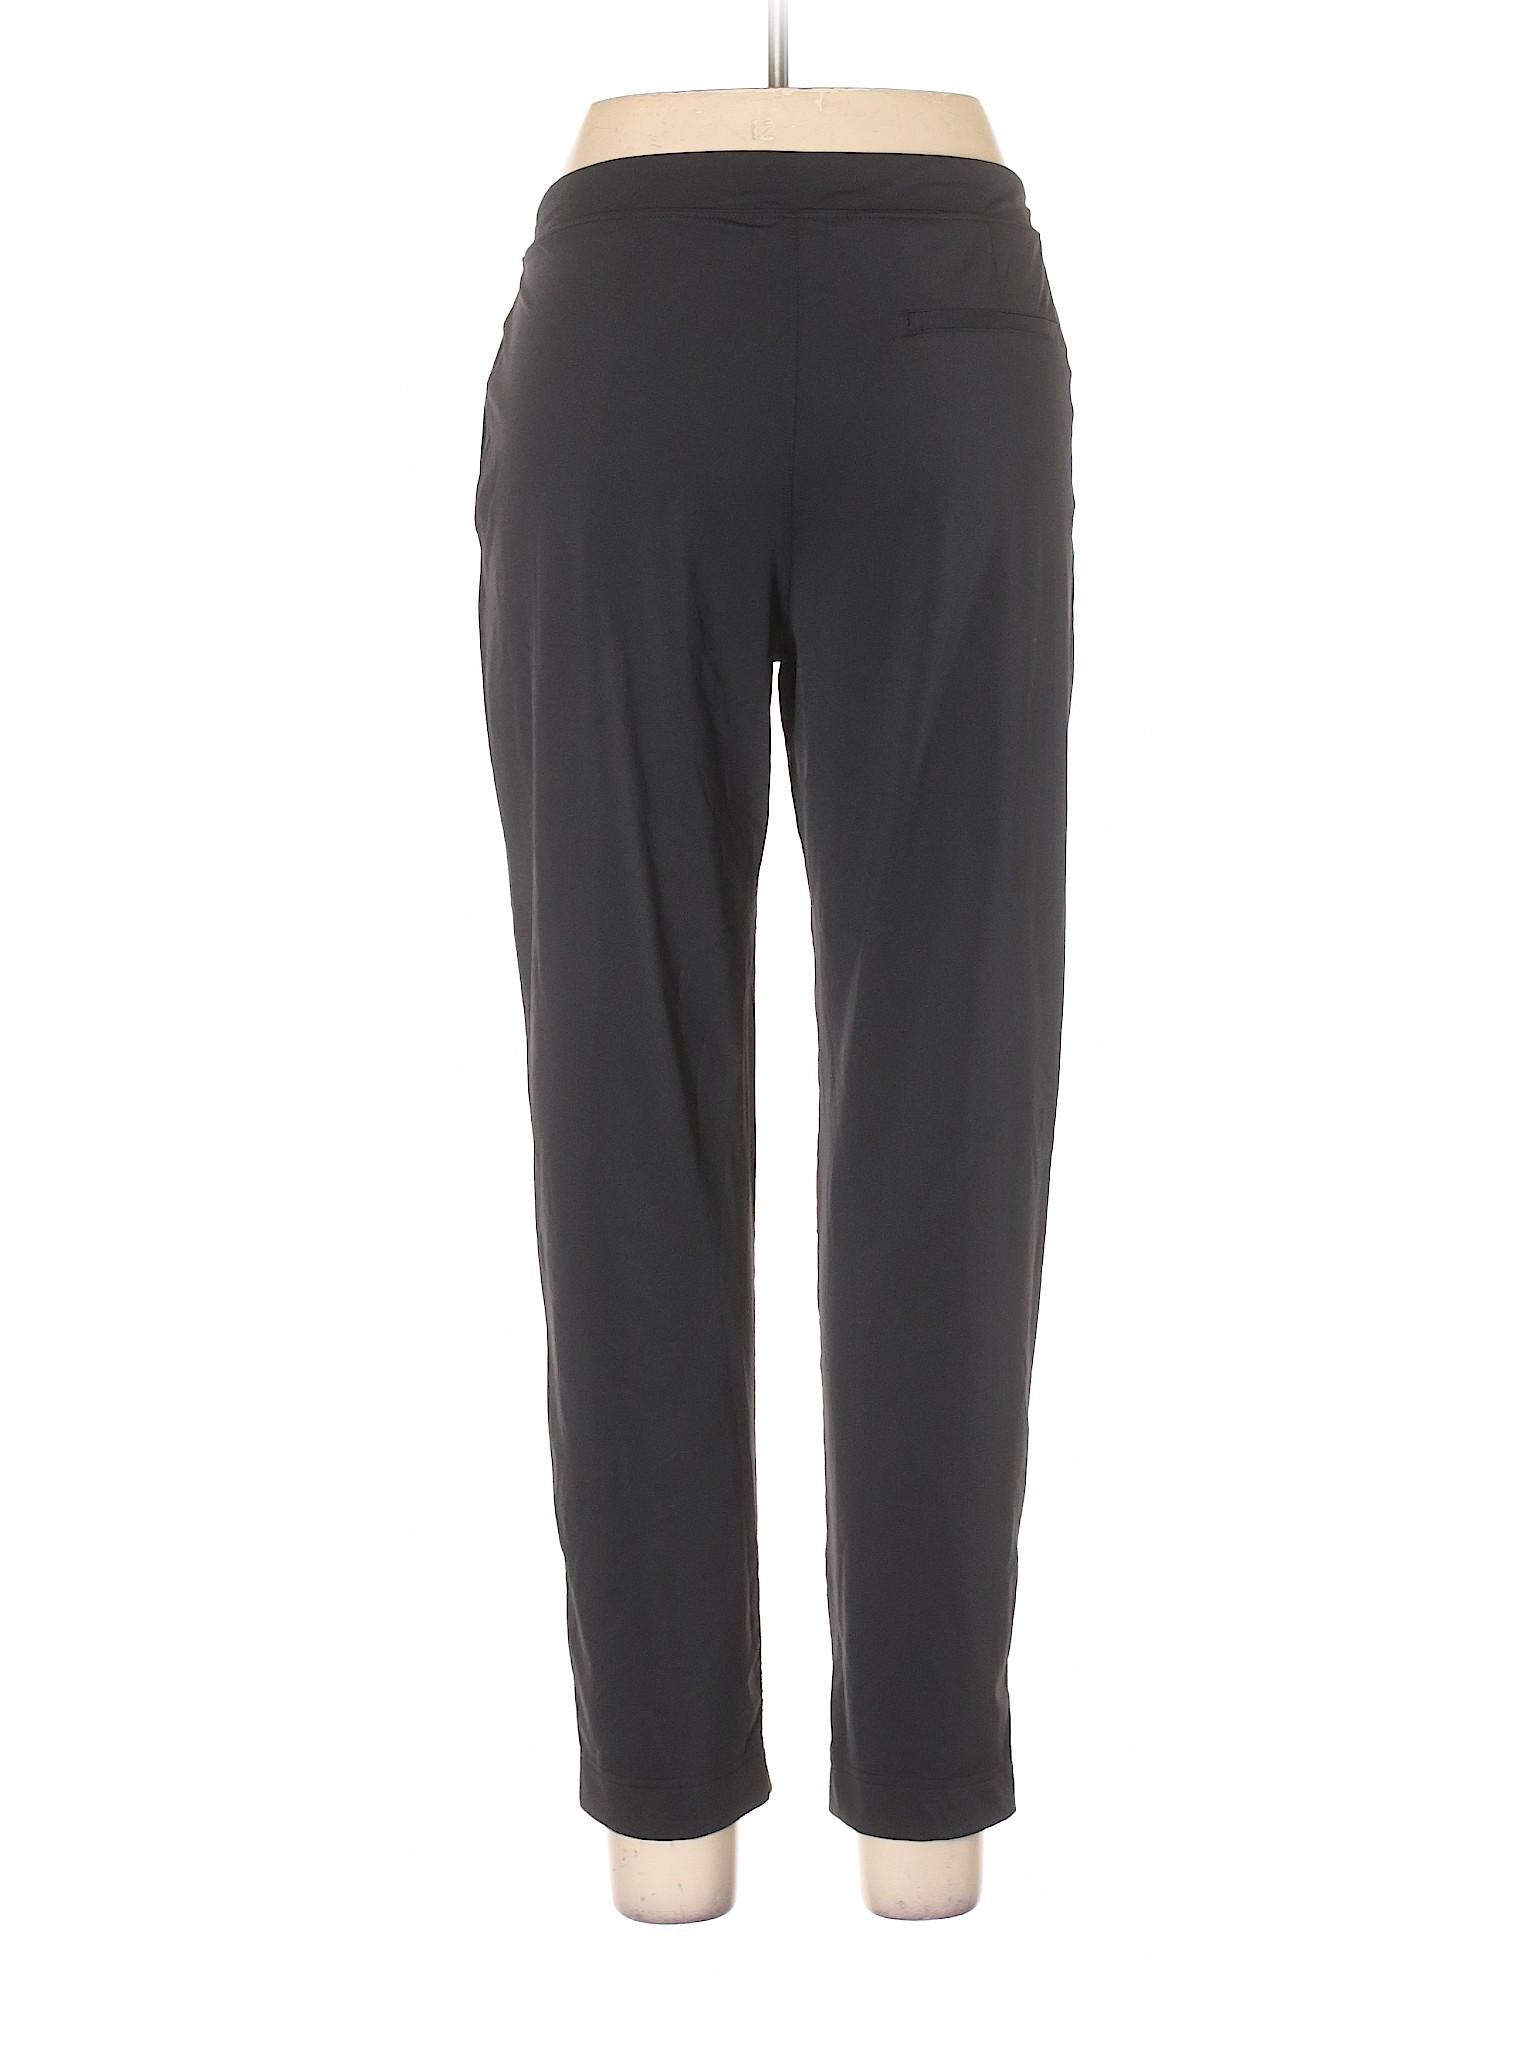 Signature Active Pants KIRKLAND leisure Boutique q6RE16